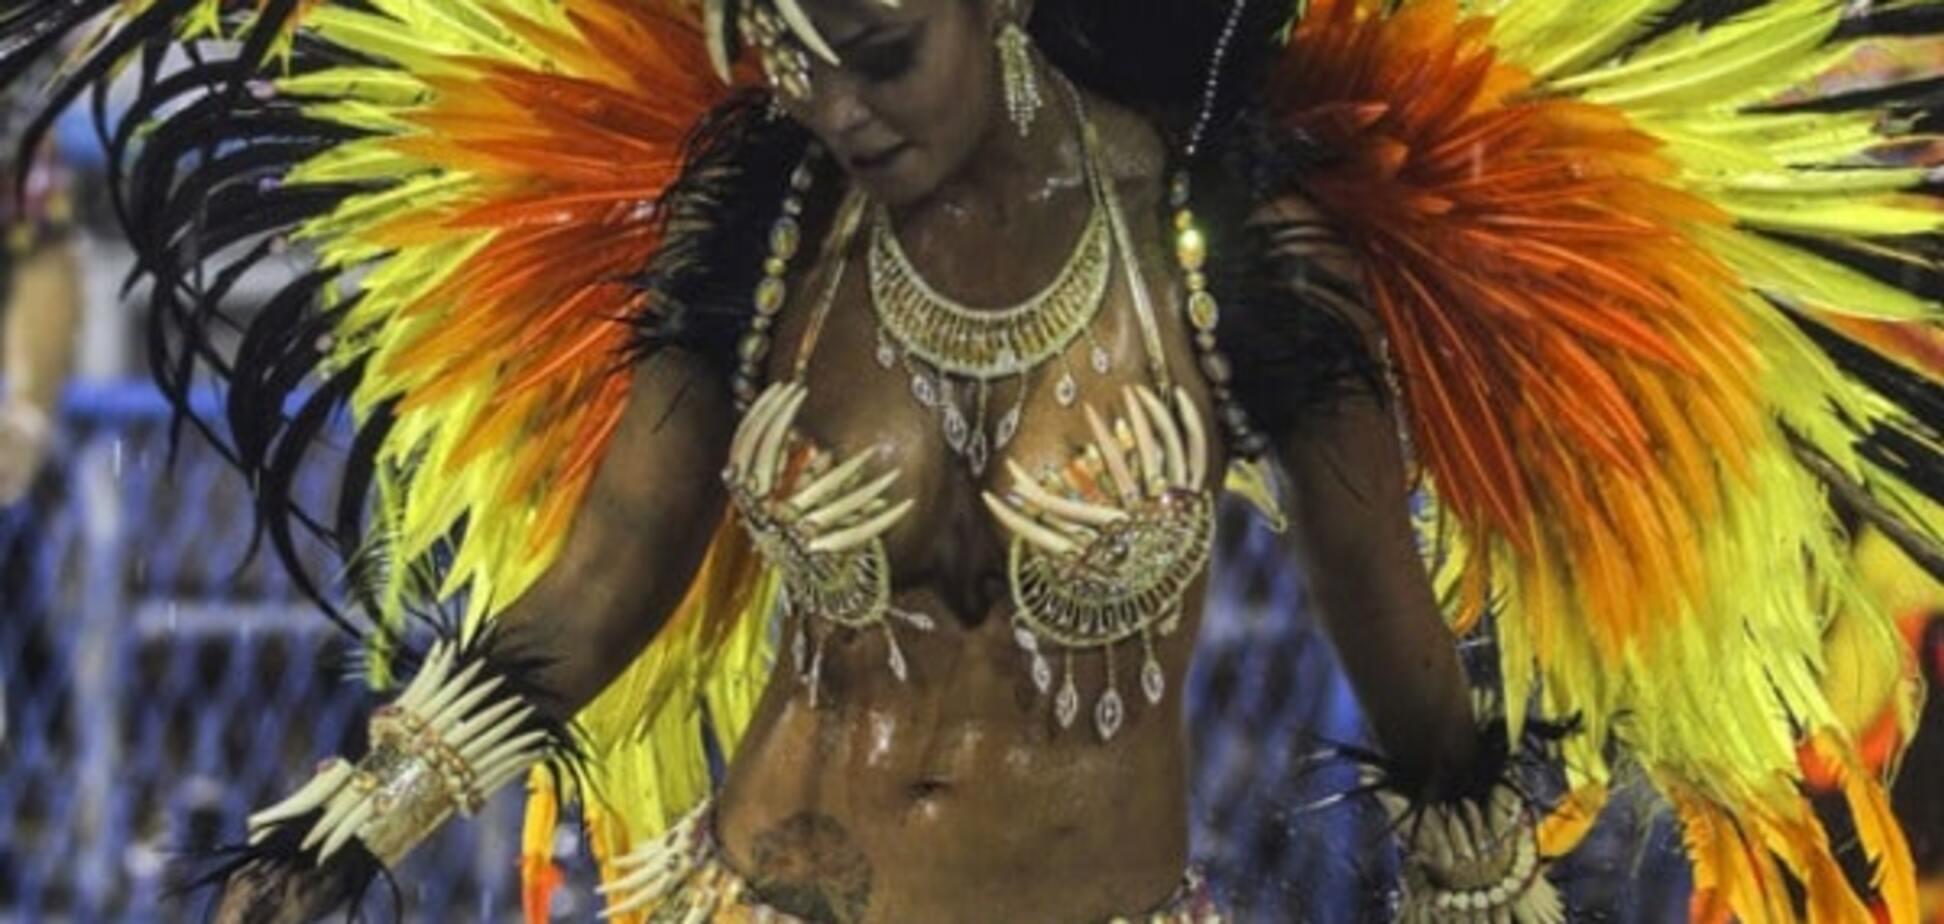 Фантастичне видовище: в Ріо-де-Жанейро стартував традиційний карнавал. Дивовижні фото